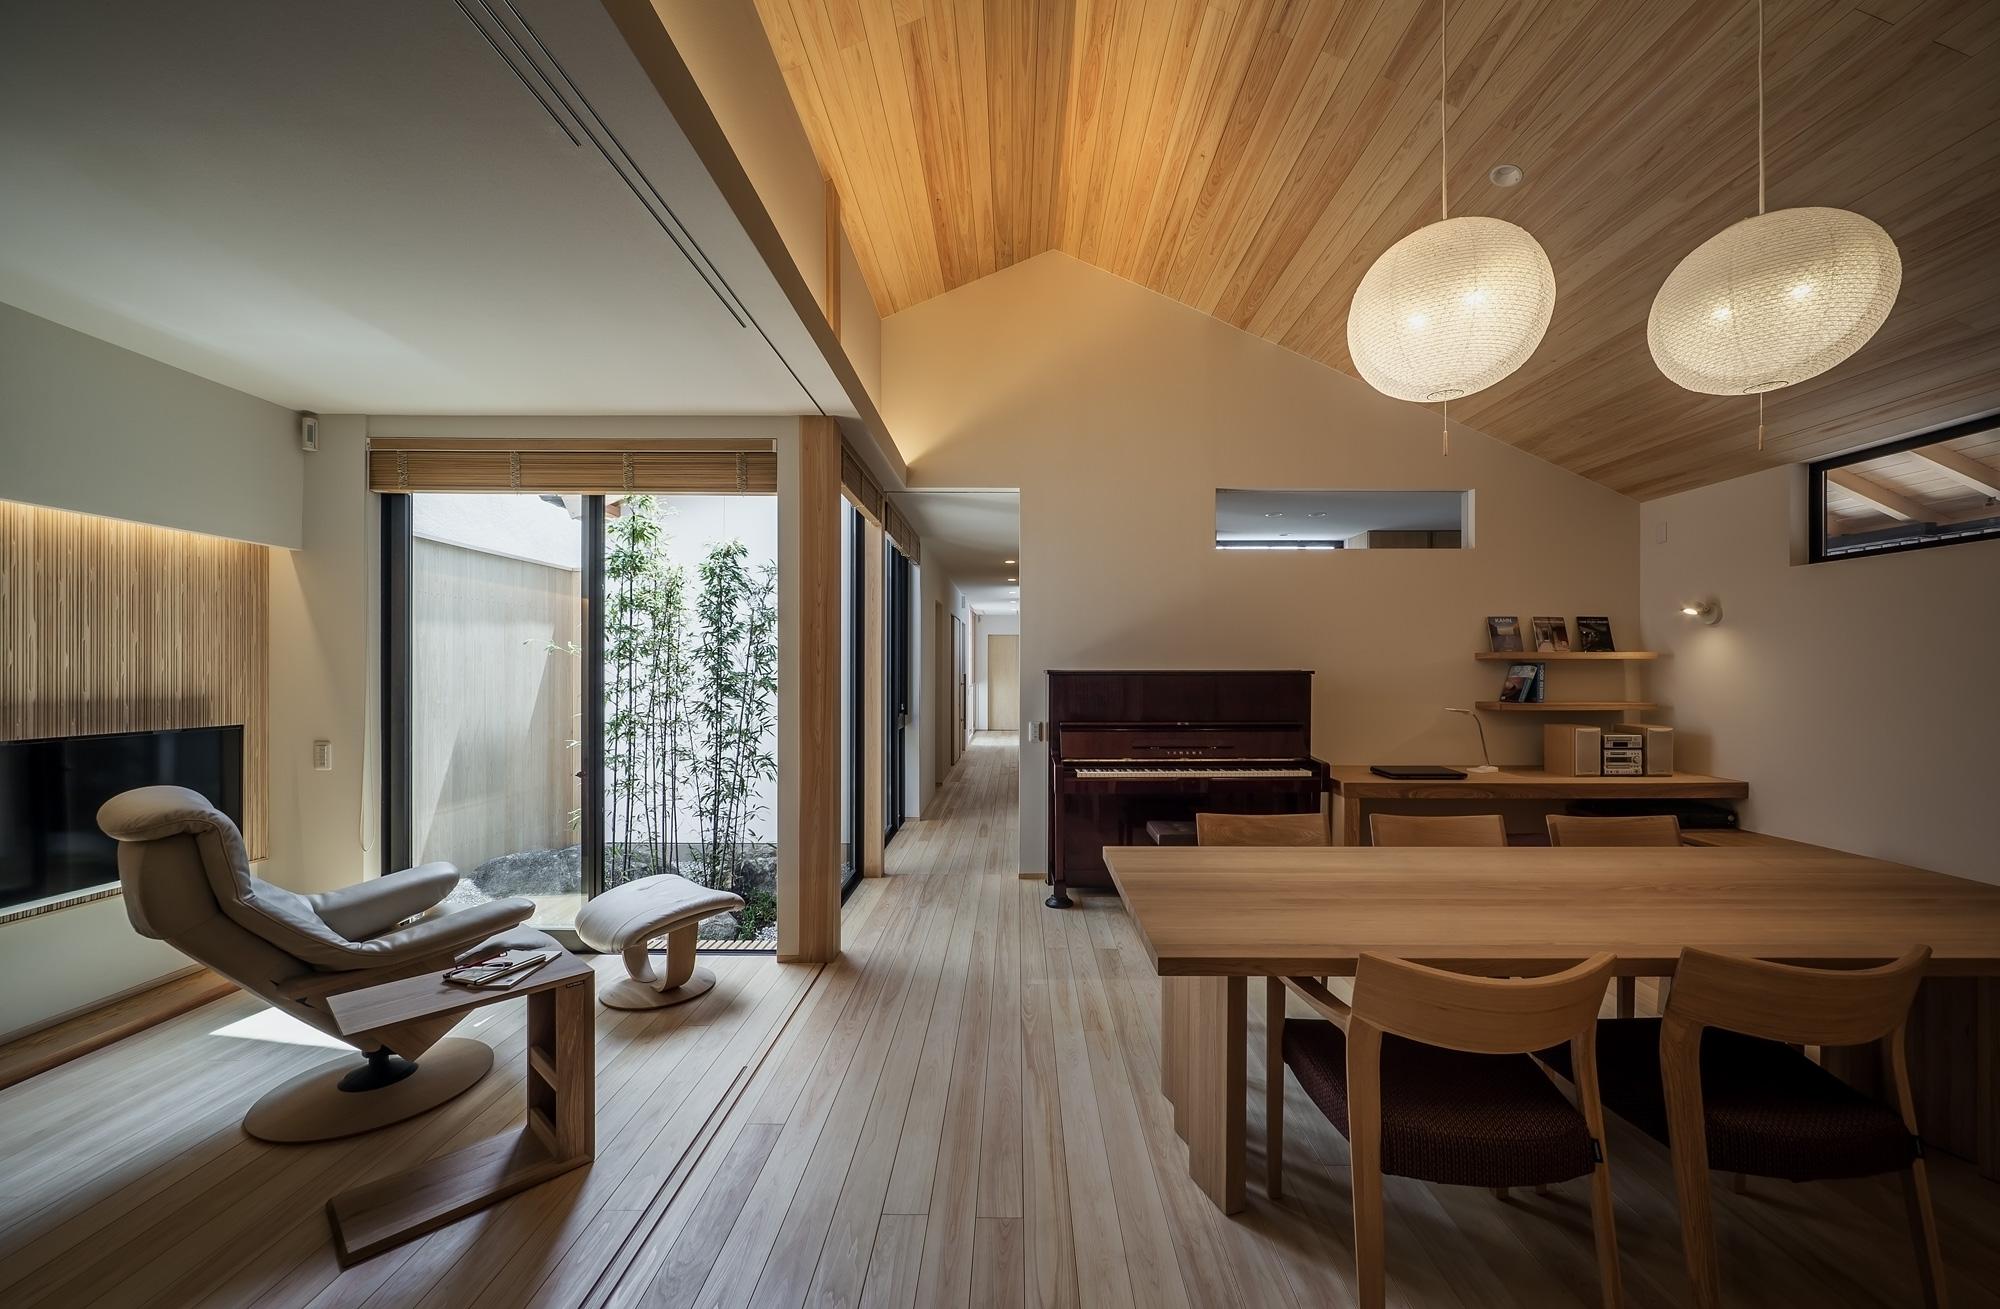 ダイニングと居間: [黒竹と苔むす岩の庭]に面した家族の集うリビング・ダイニング。一体の空間となっている居間は、引き戸を締めれば客間として機能します